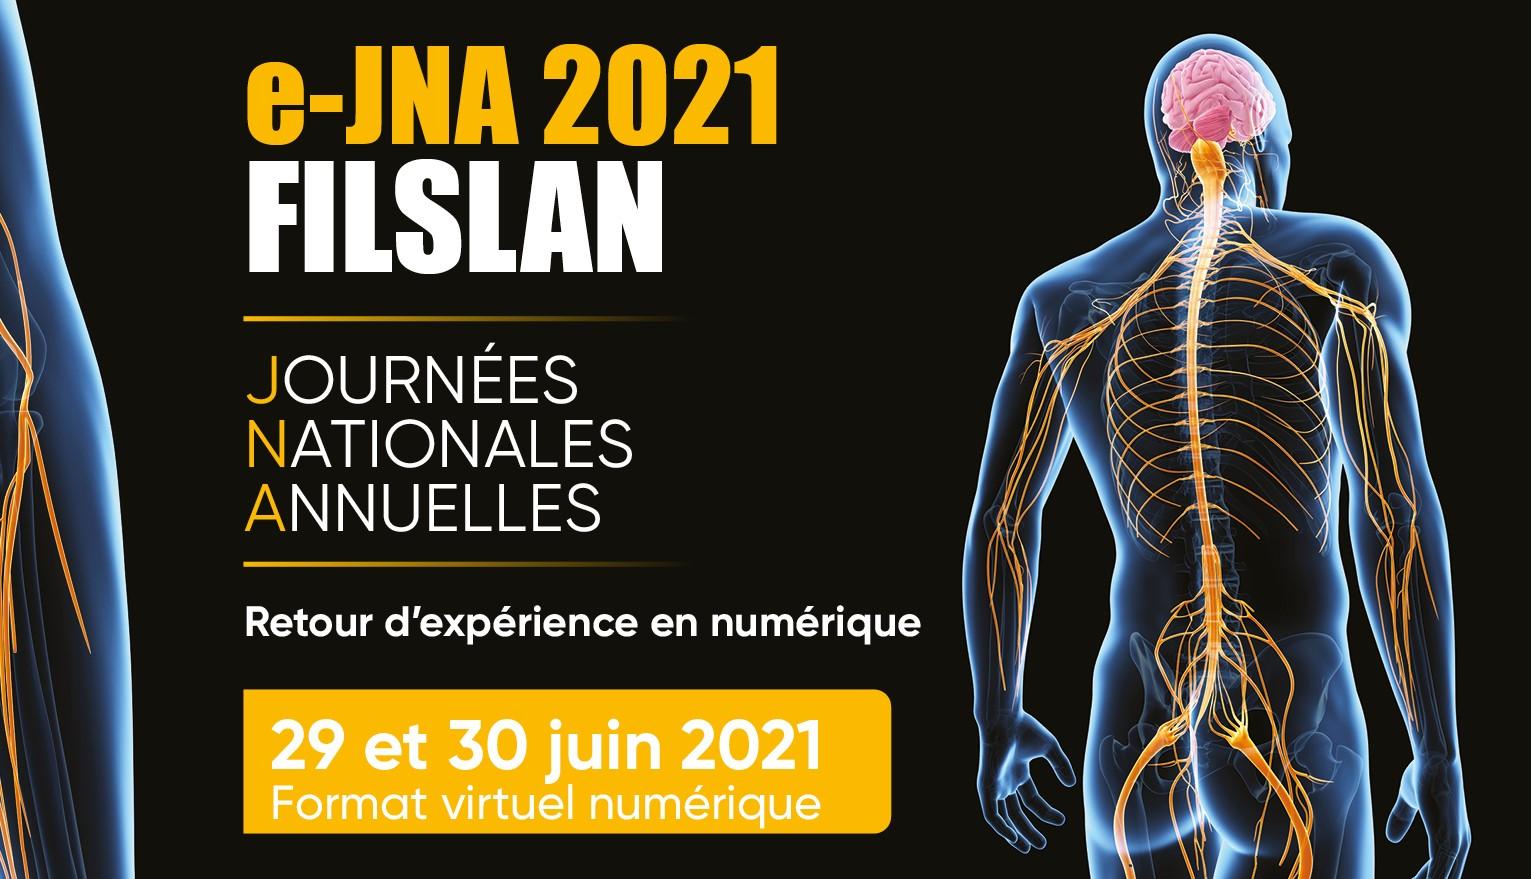 e-JNA2021